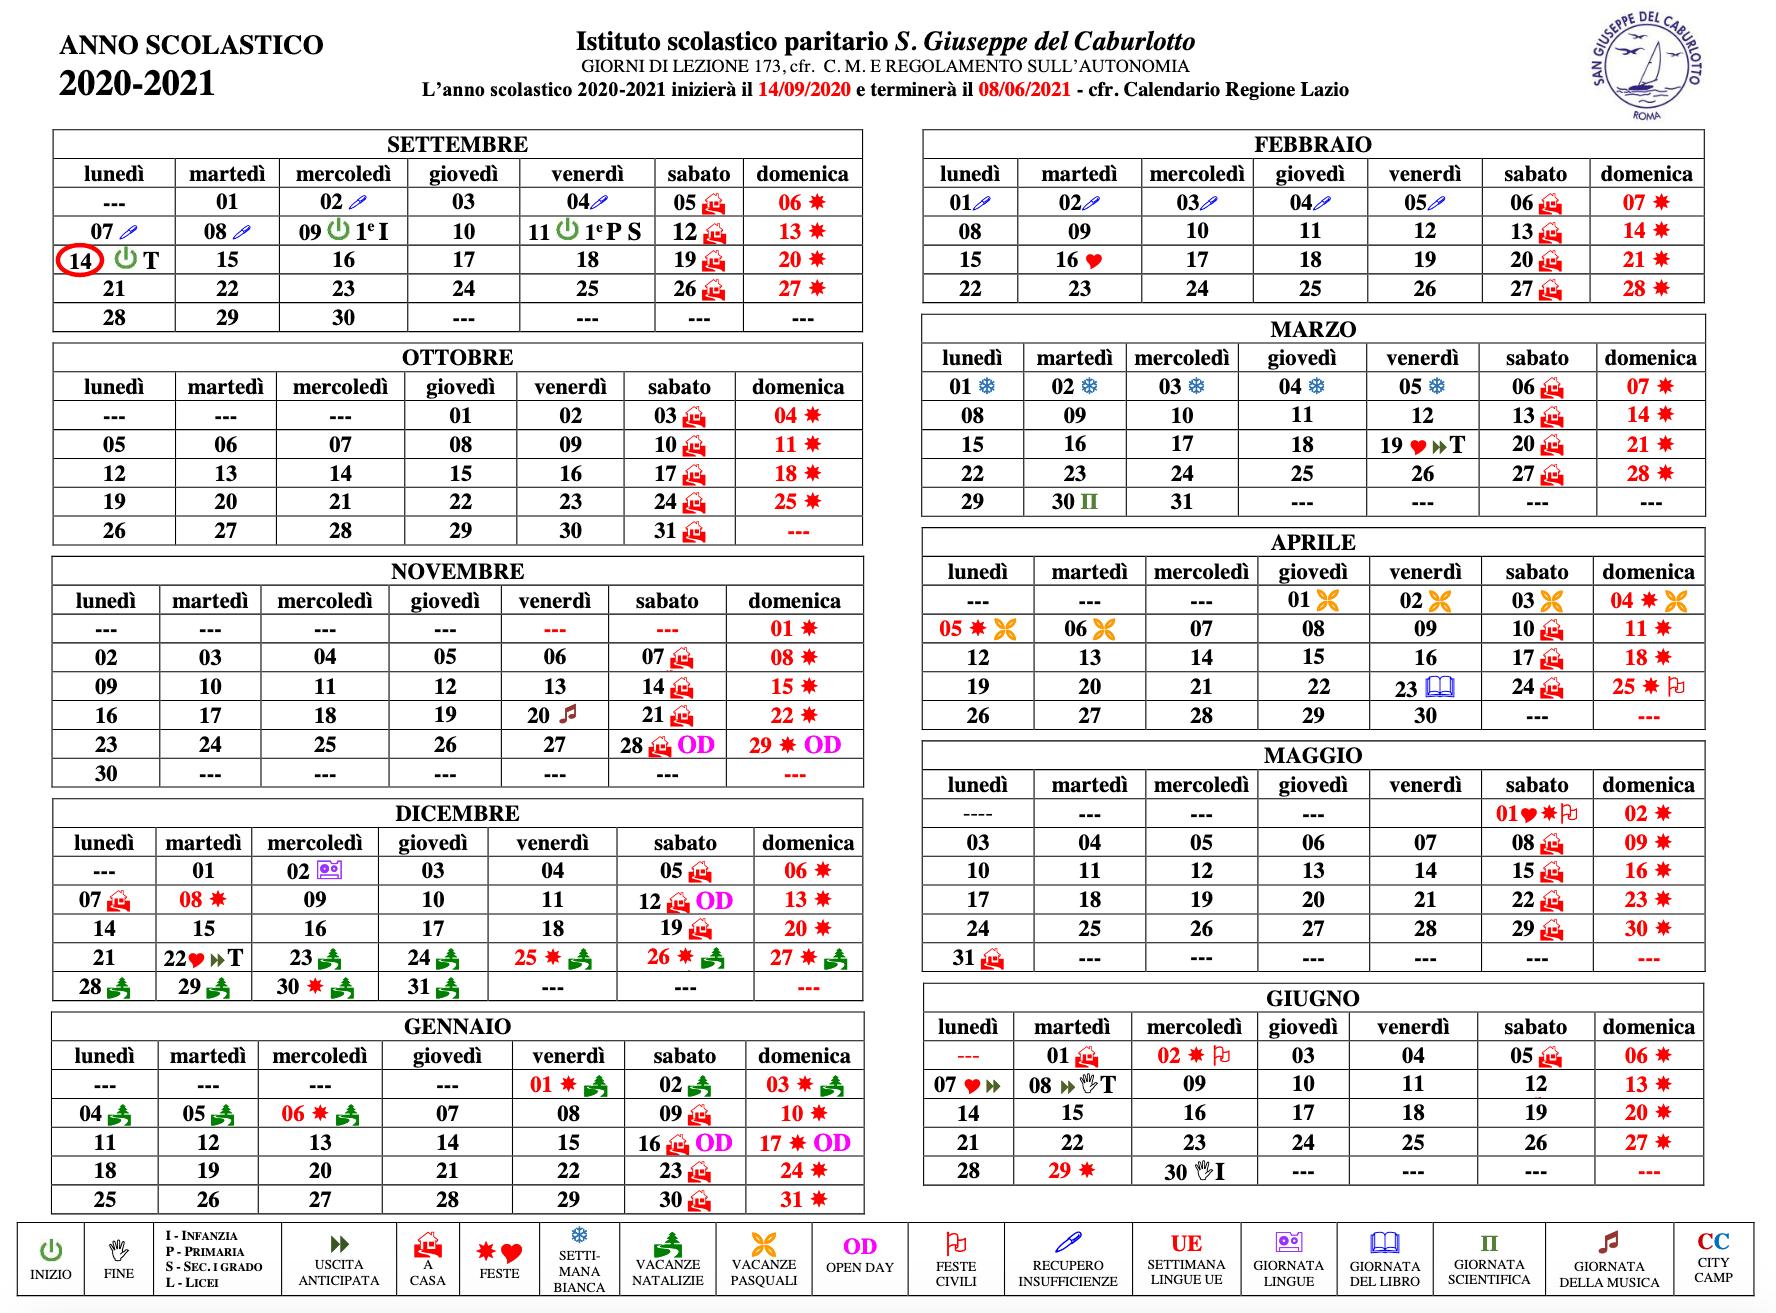 Calendario scolastico icone San Giuseppe del Caburlotto